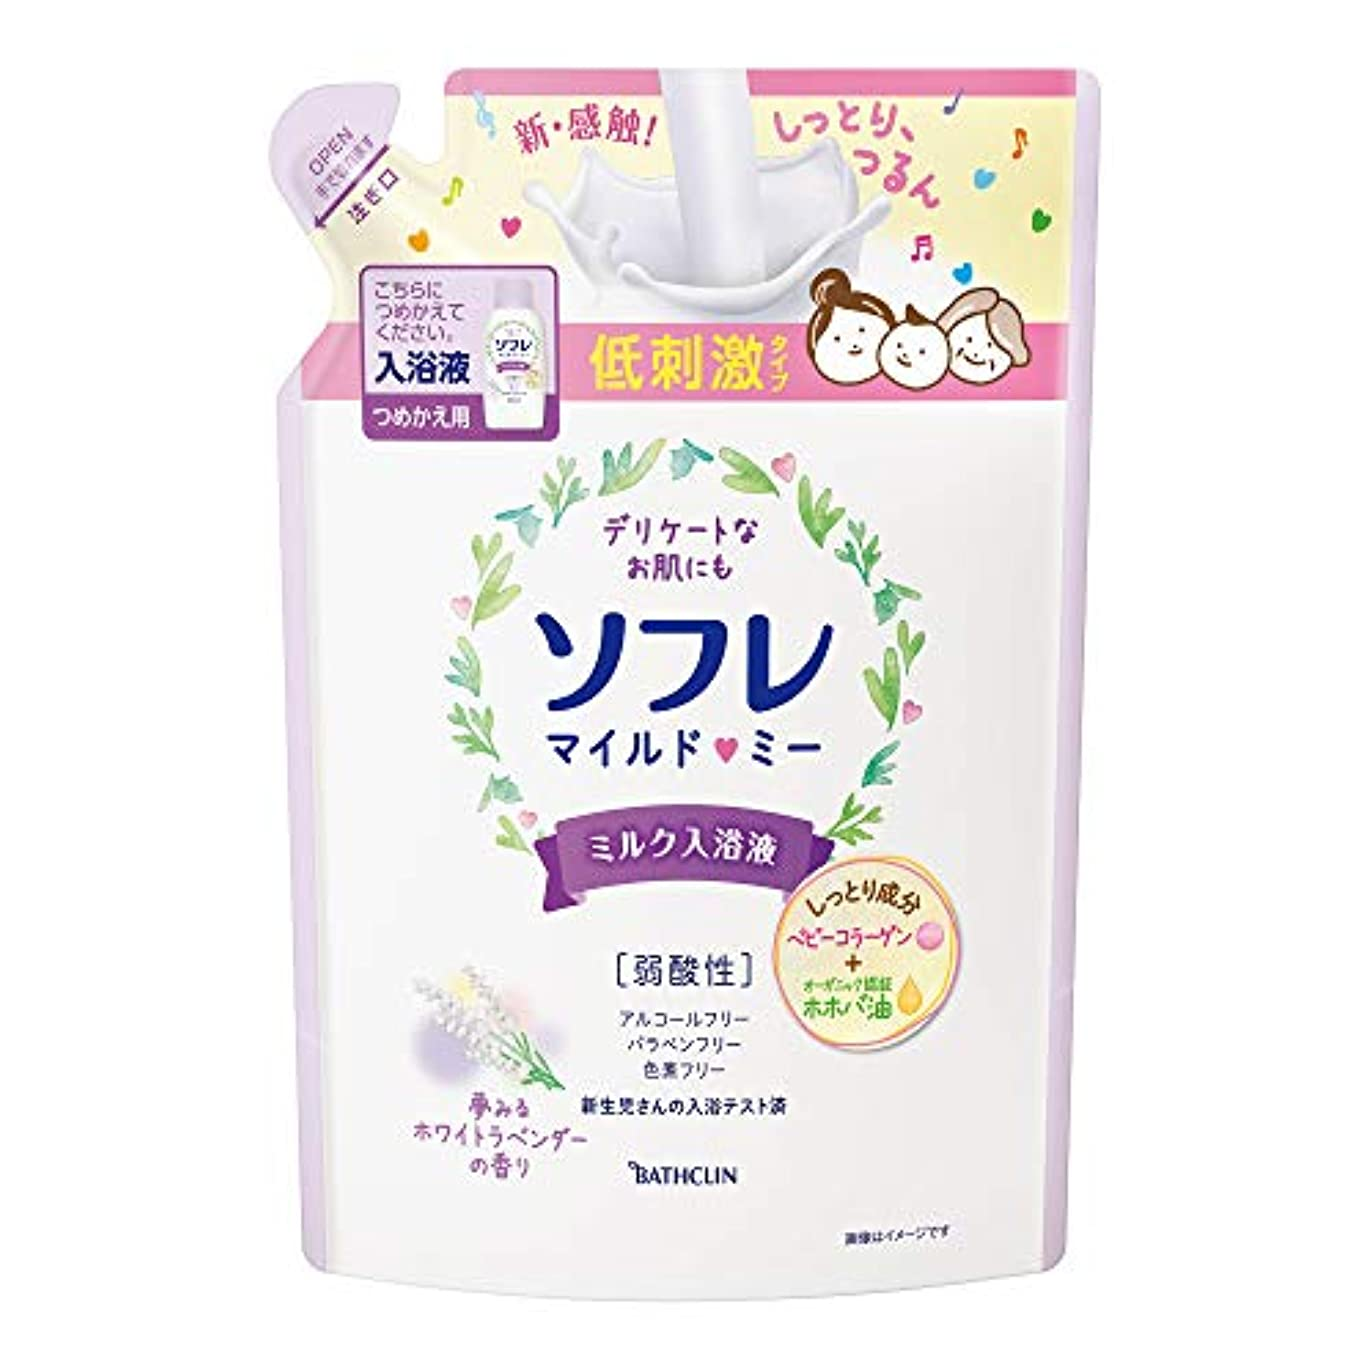 資格情報暴行麦芽バスクリン ソフレ入浴液 マイルド?ミー ミルク 夢みるホワイトラベンダーの香り つめかえ用 600mL保湿 成分配合 赤ちゃんと一緒に使えます。